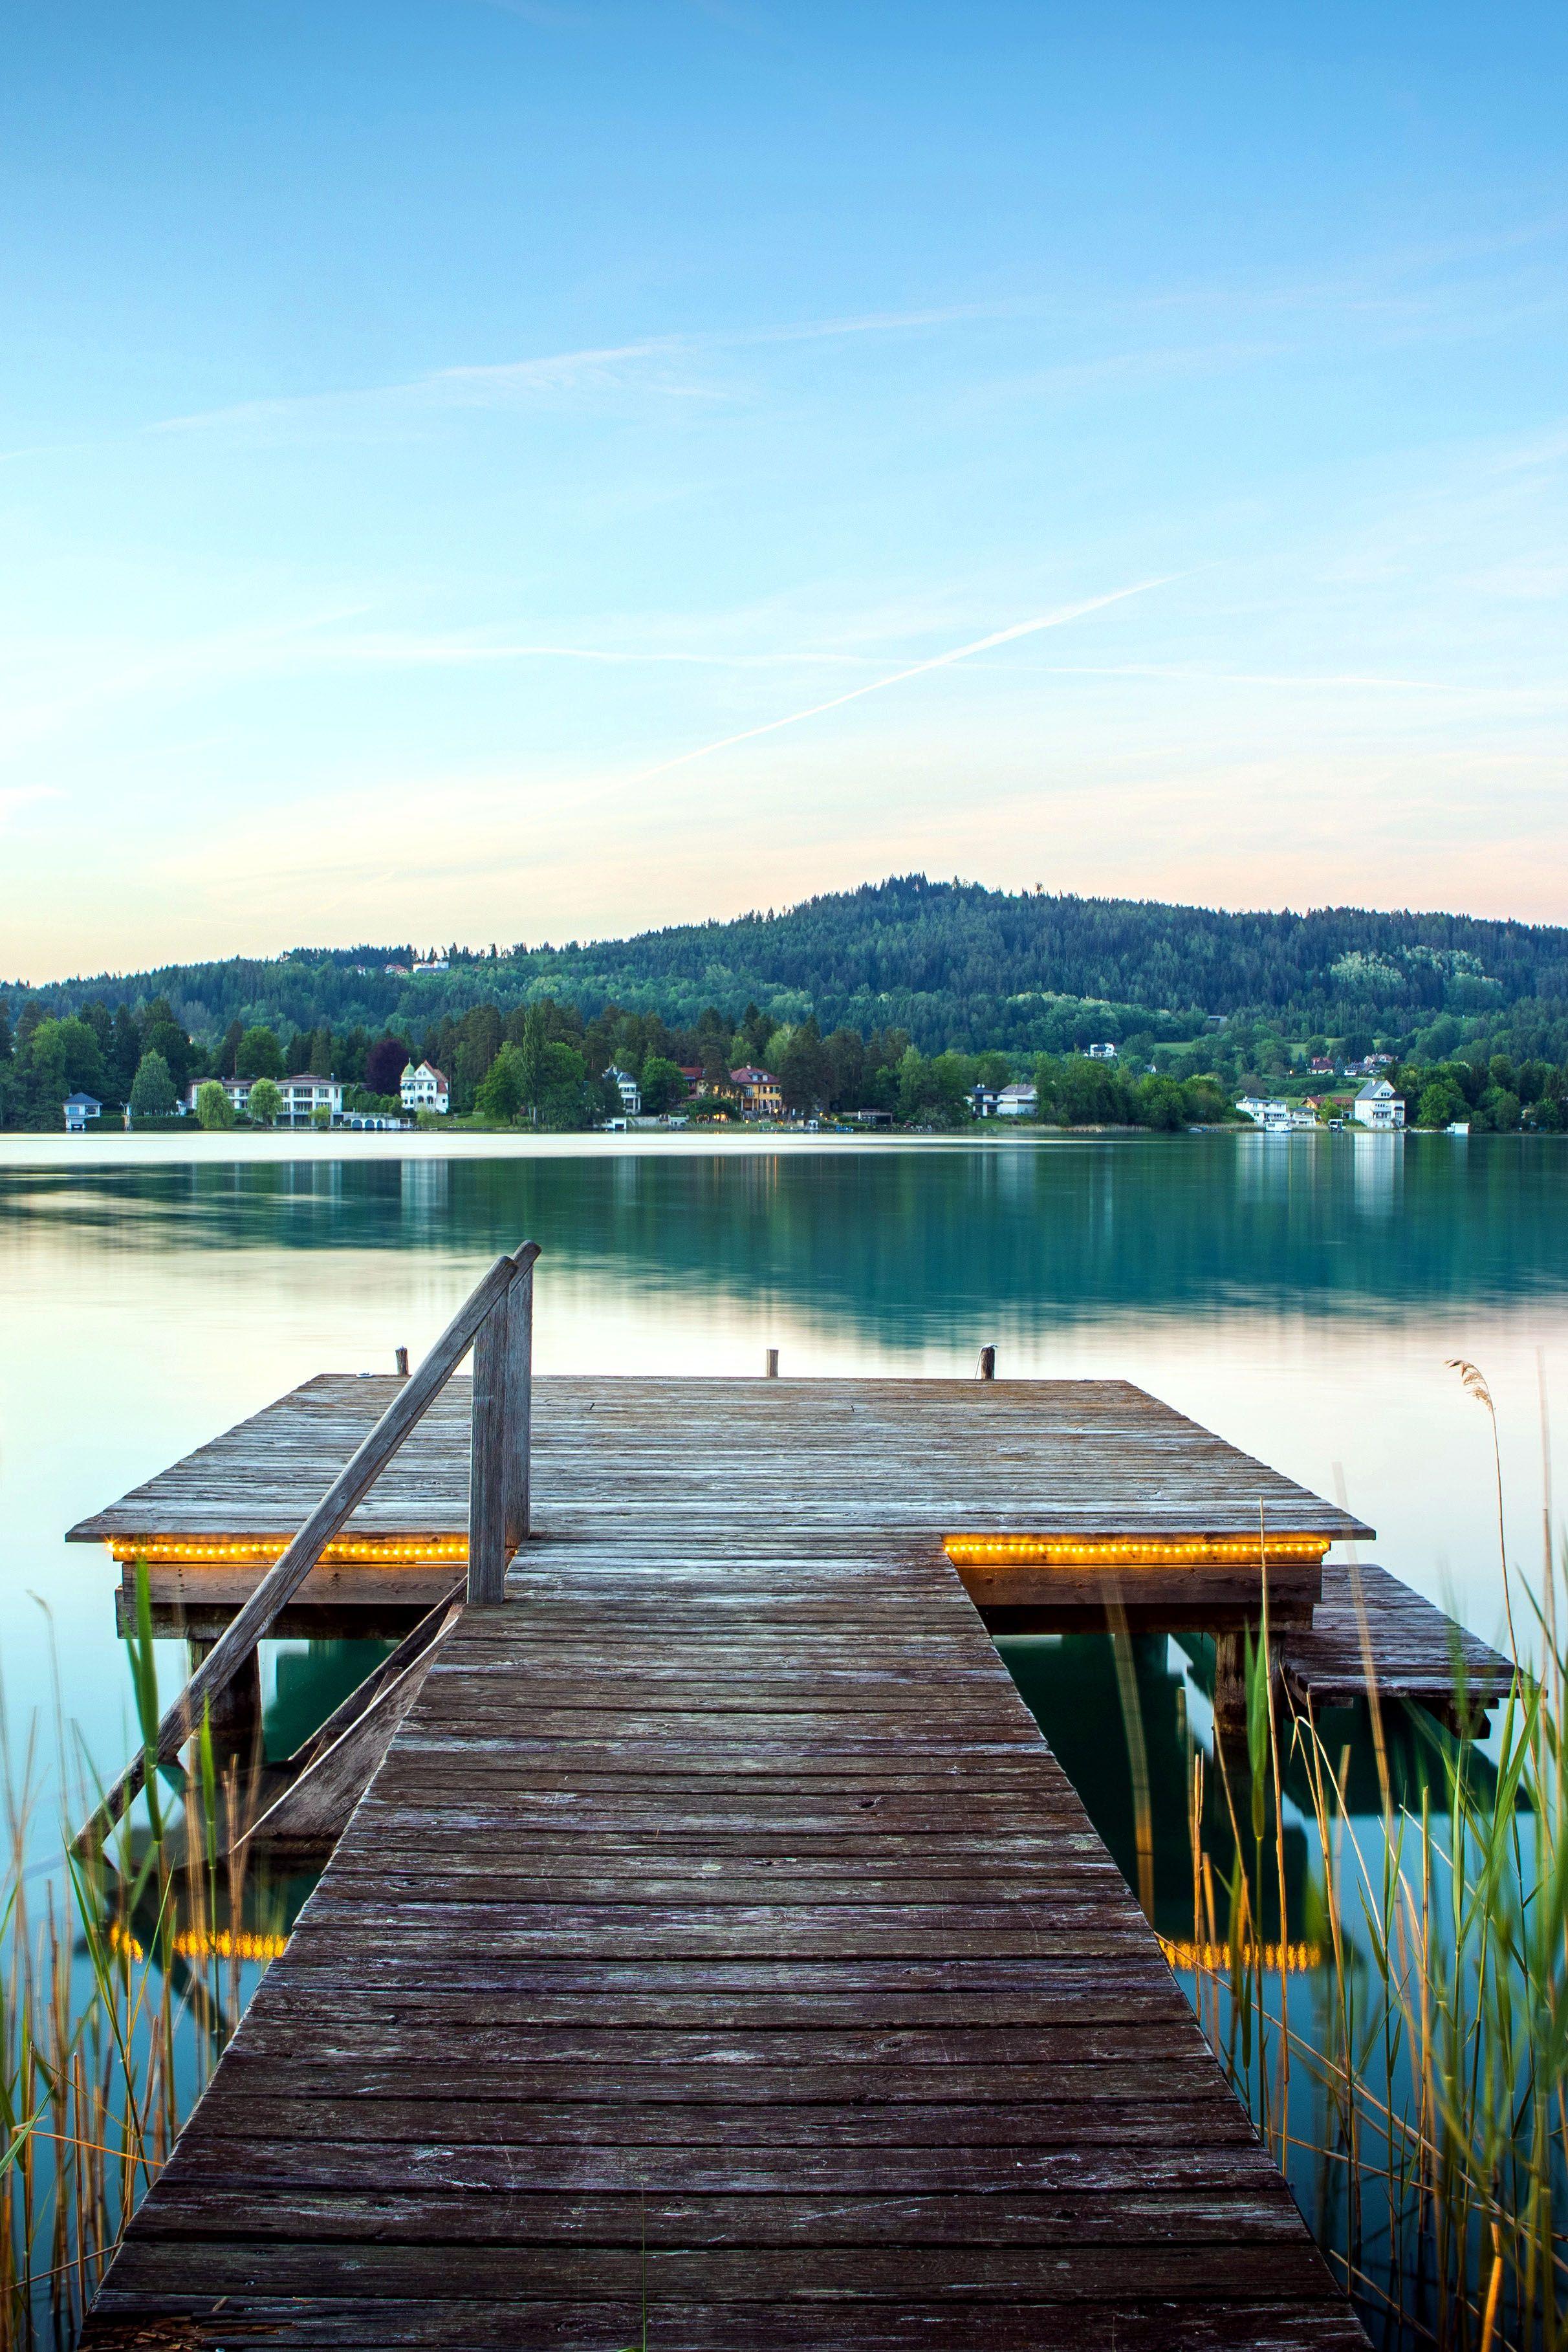 Die 10 Schonsten Seen Osterreichs Skyscanner Deutschland Seen Osterreich Schonste Seen Osterreich Attersee